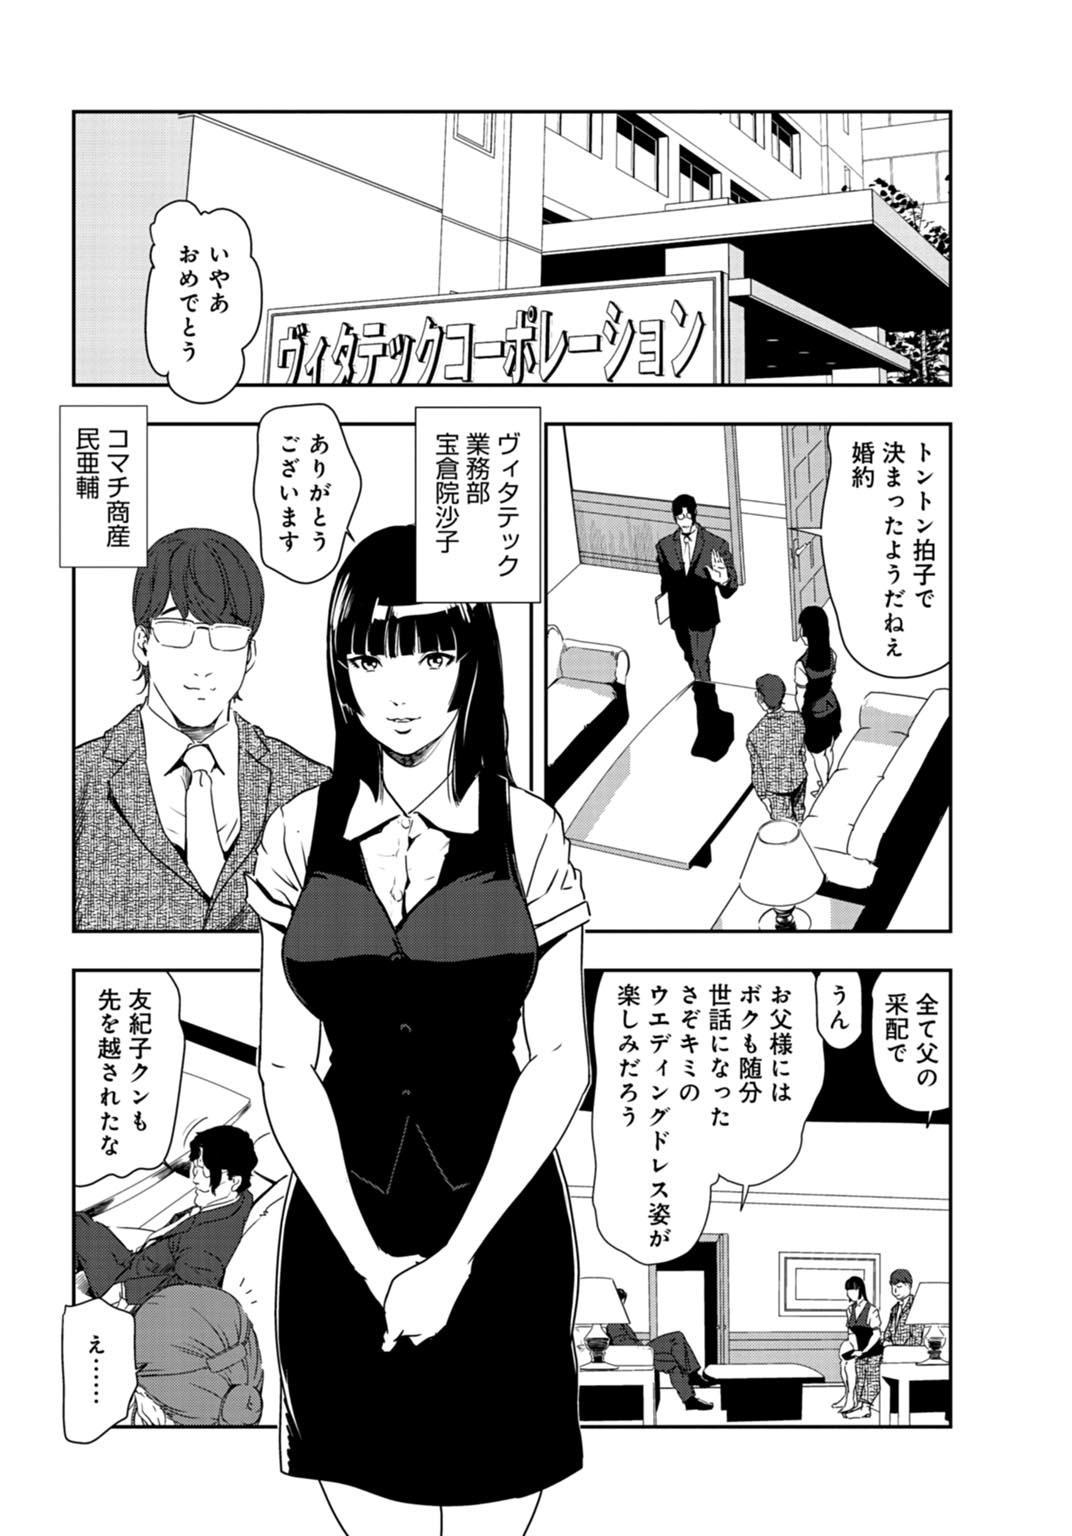 Nikuhisyo Yukiko 26 26